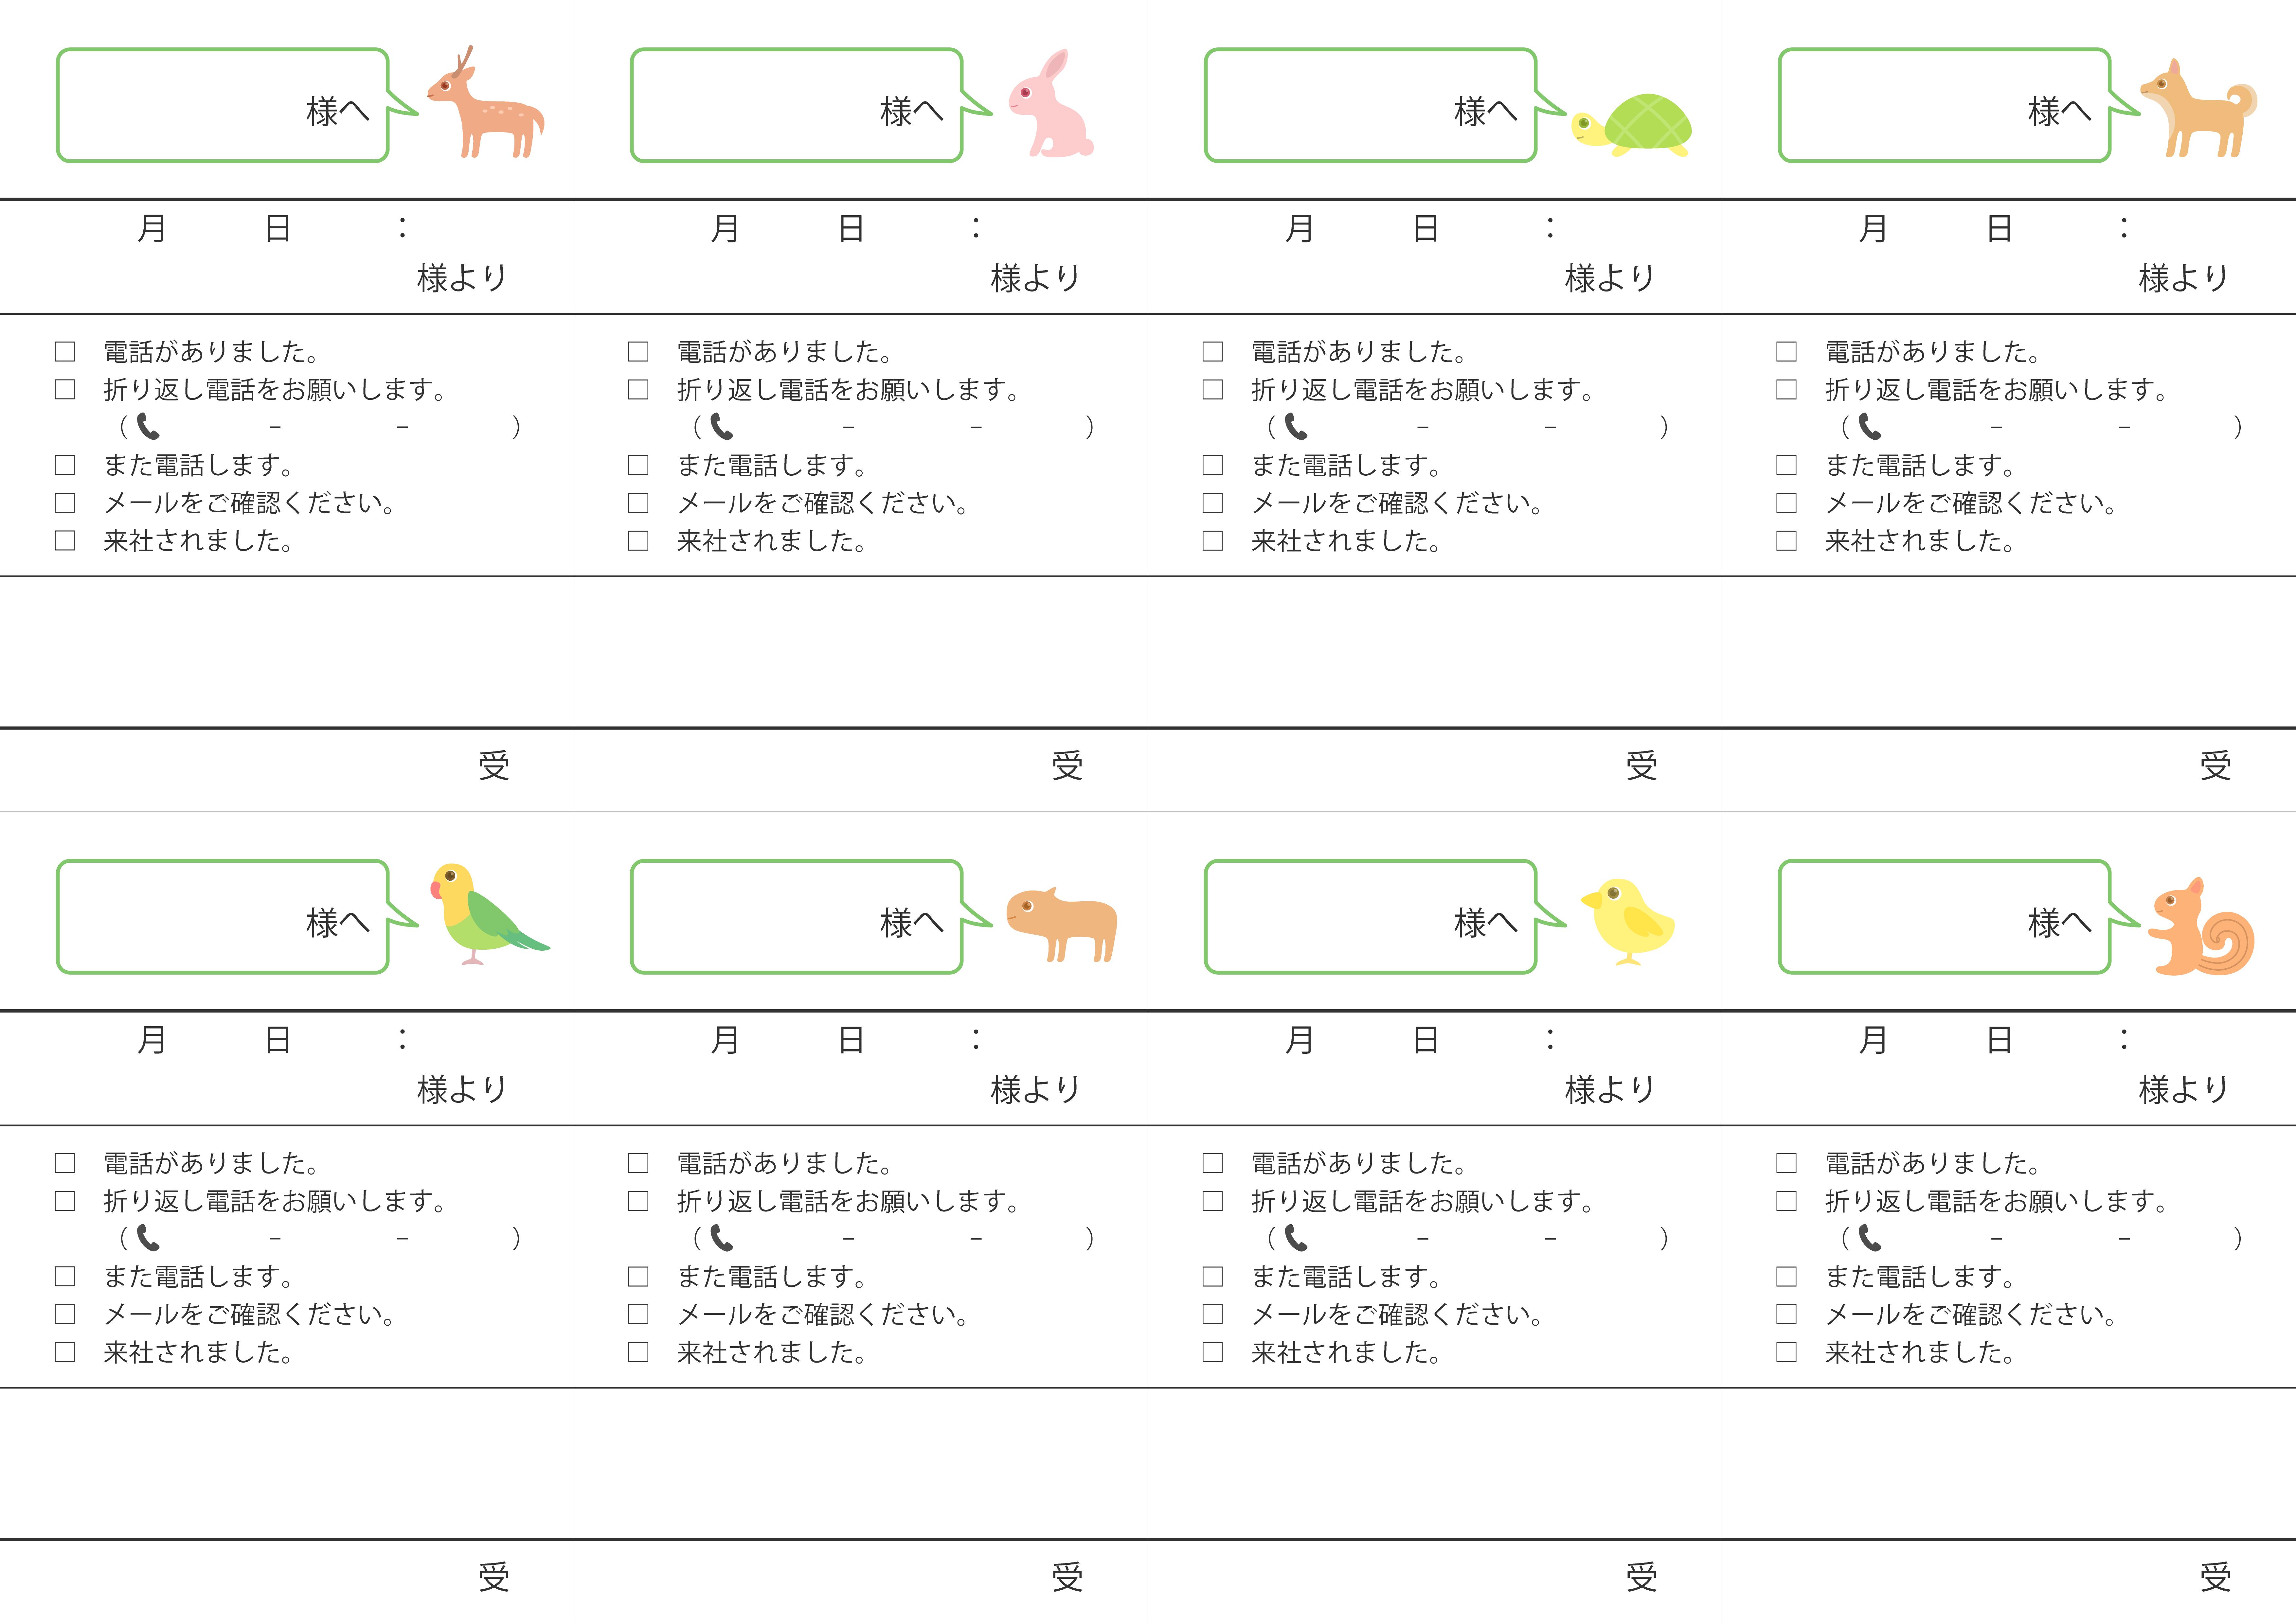 動物の伝言メモのテンプレート(A4の8分割)